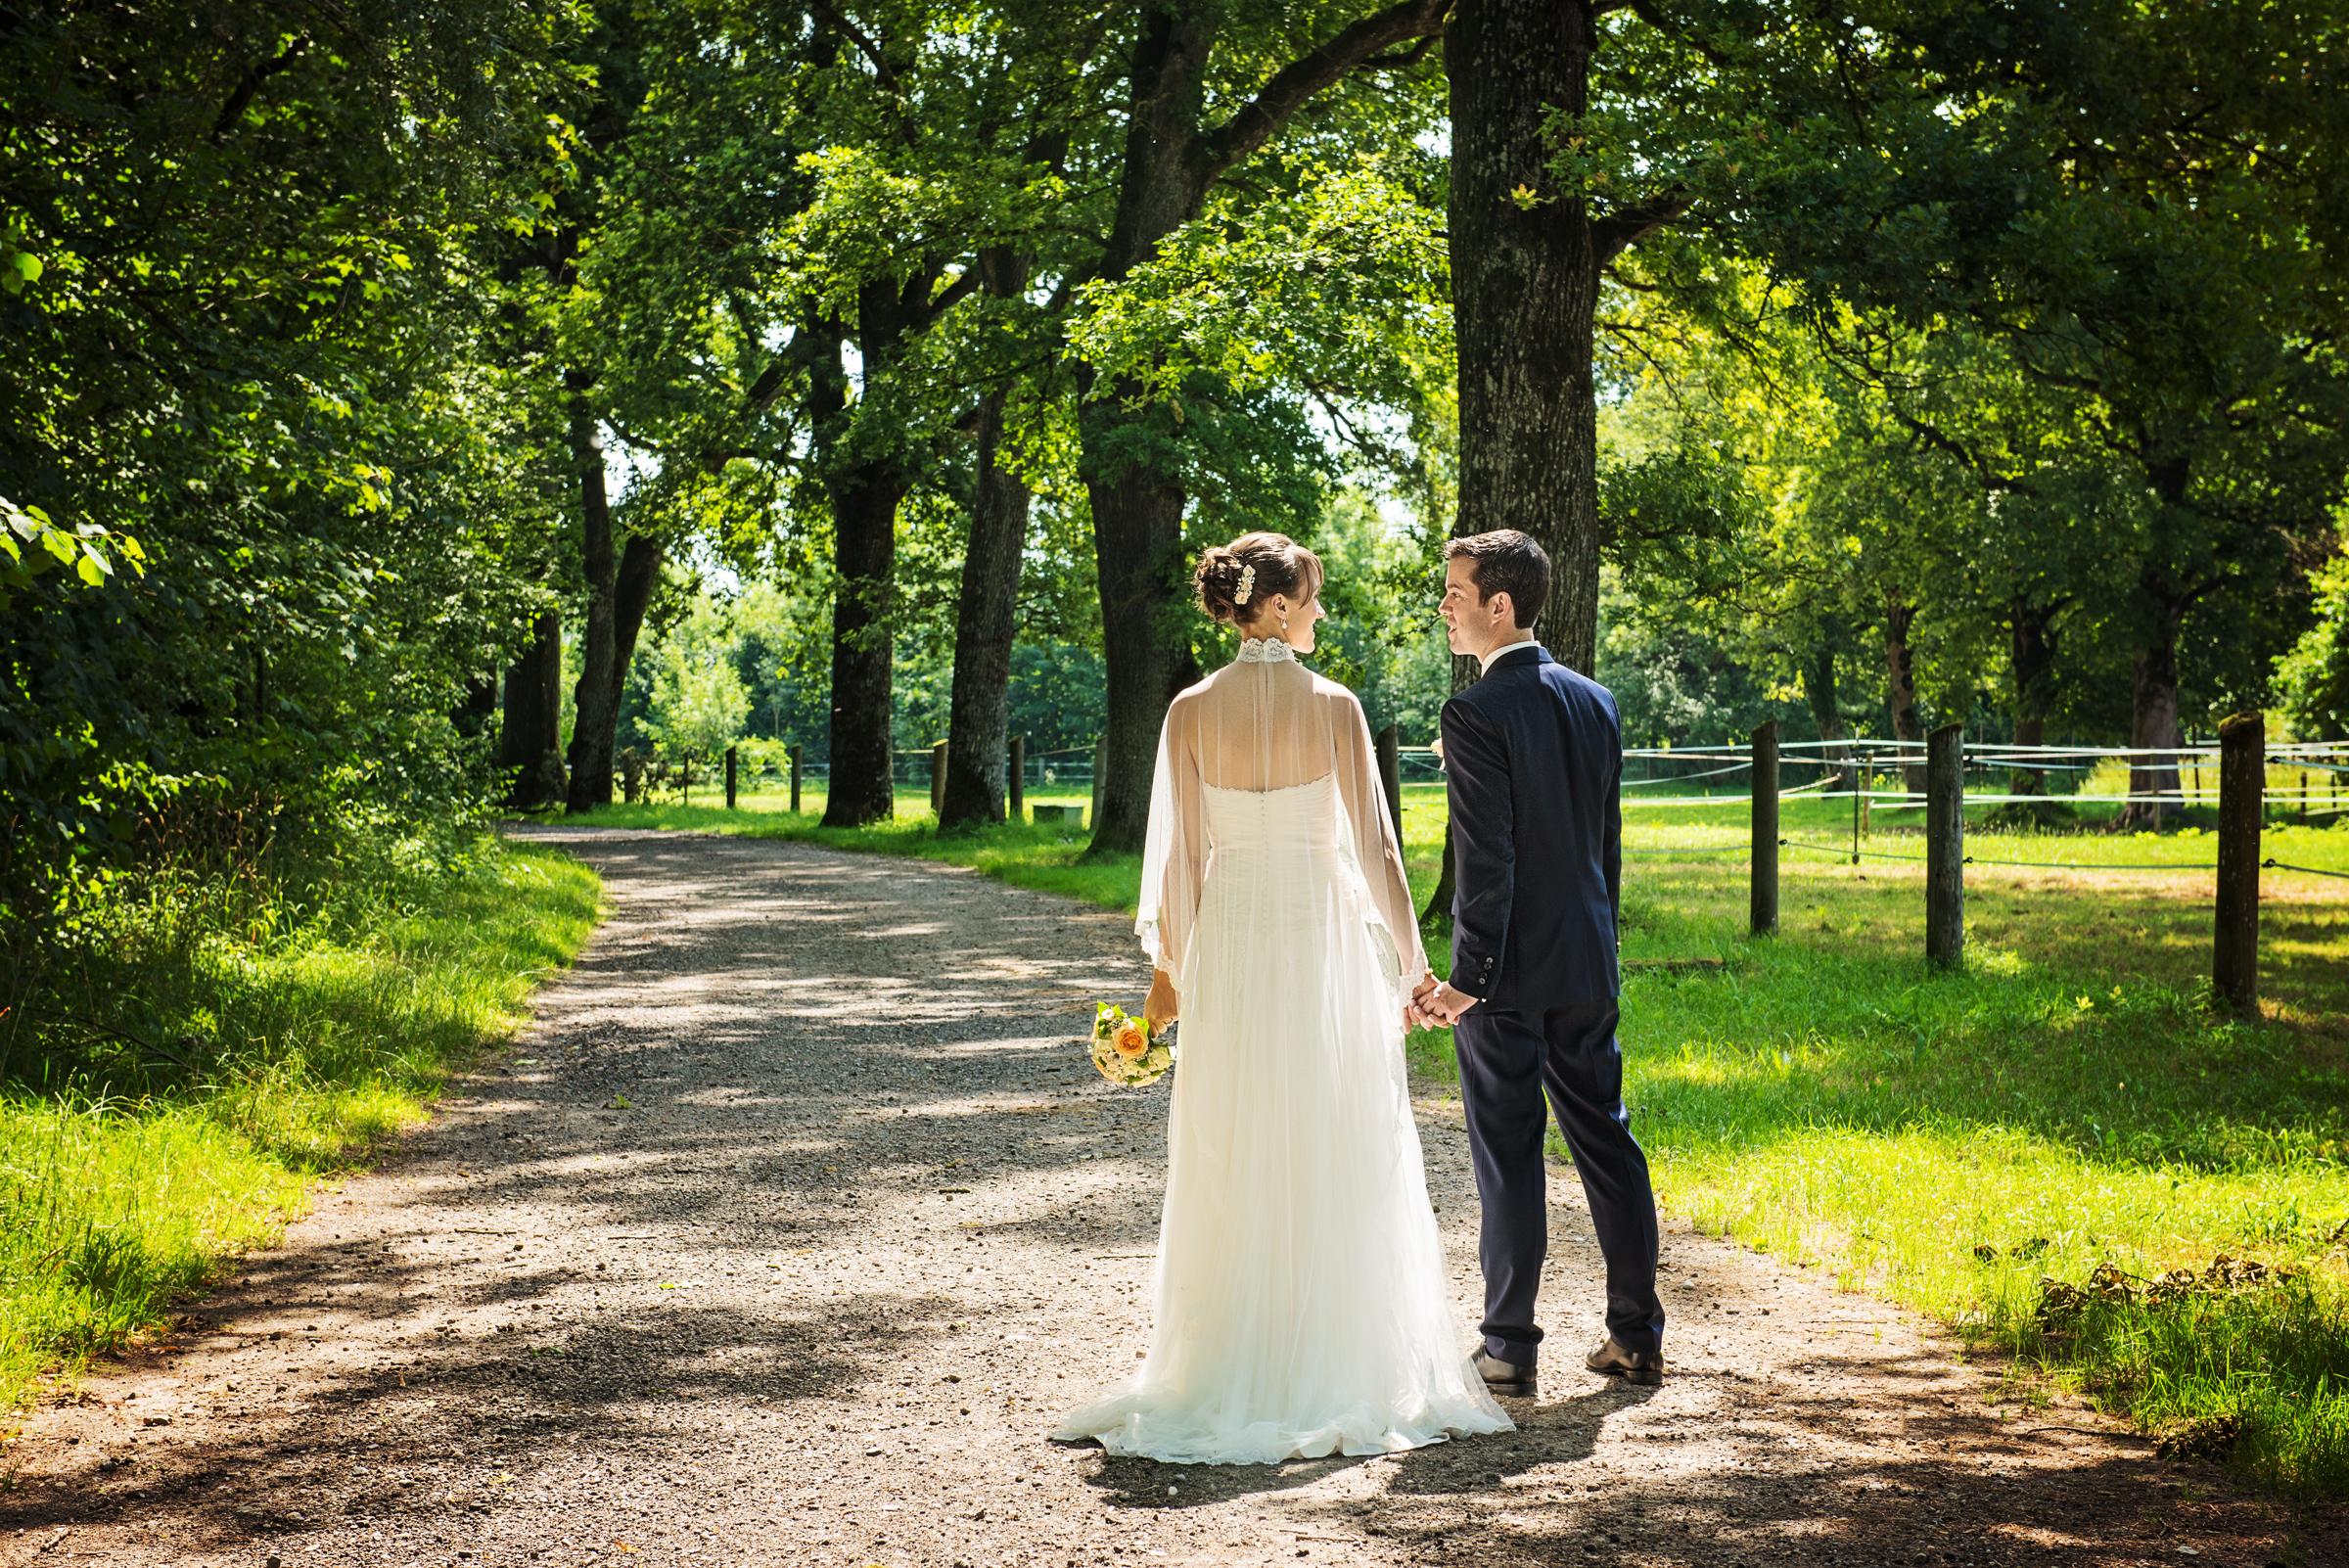 Portfolio-Weddings-Couple-Walk